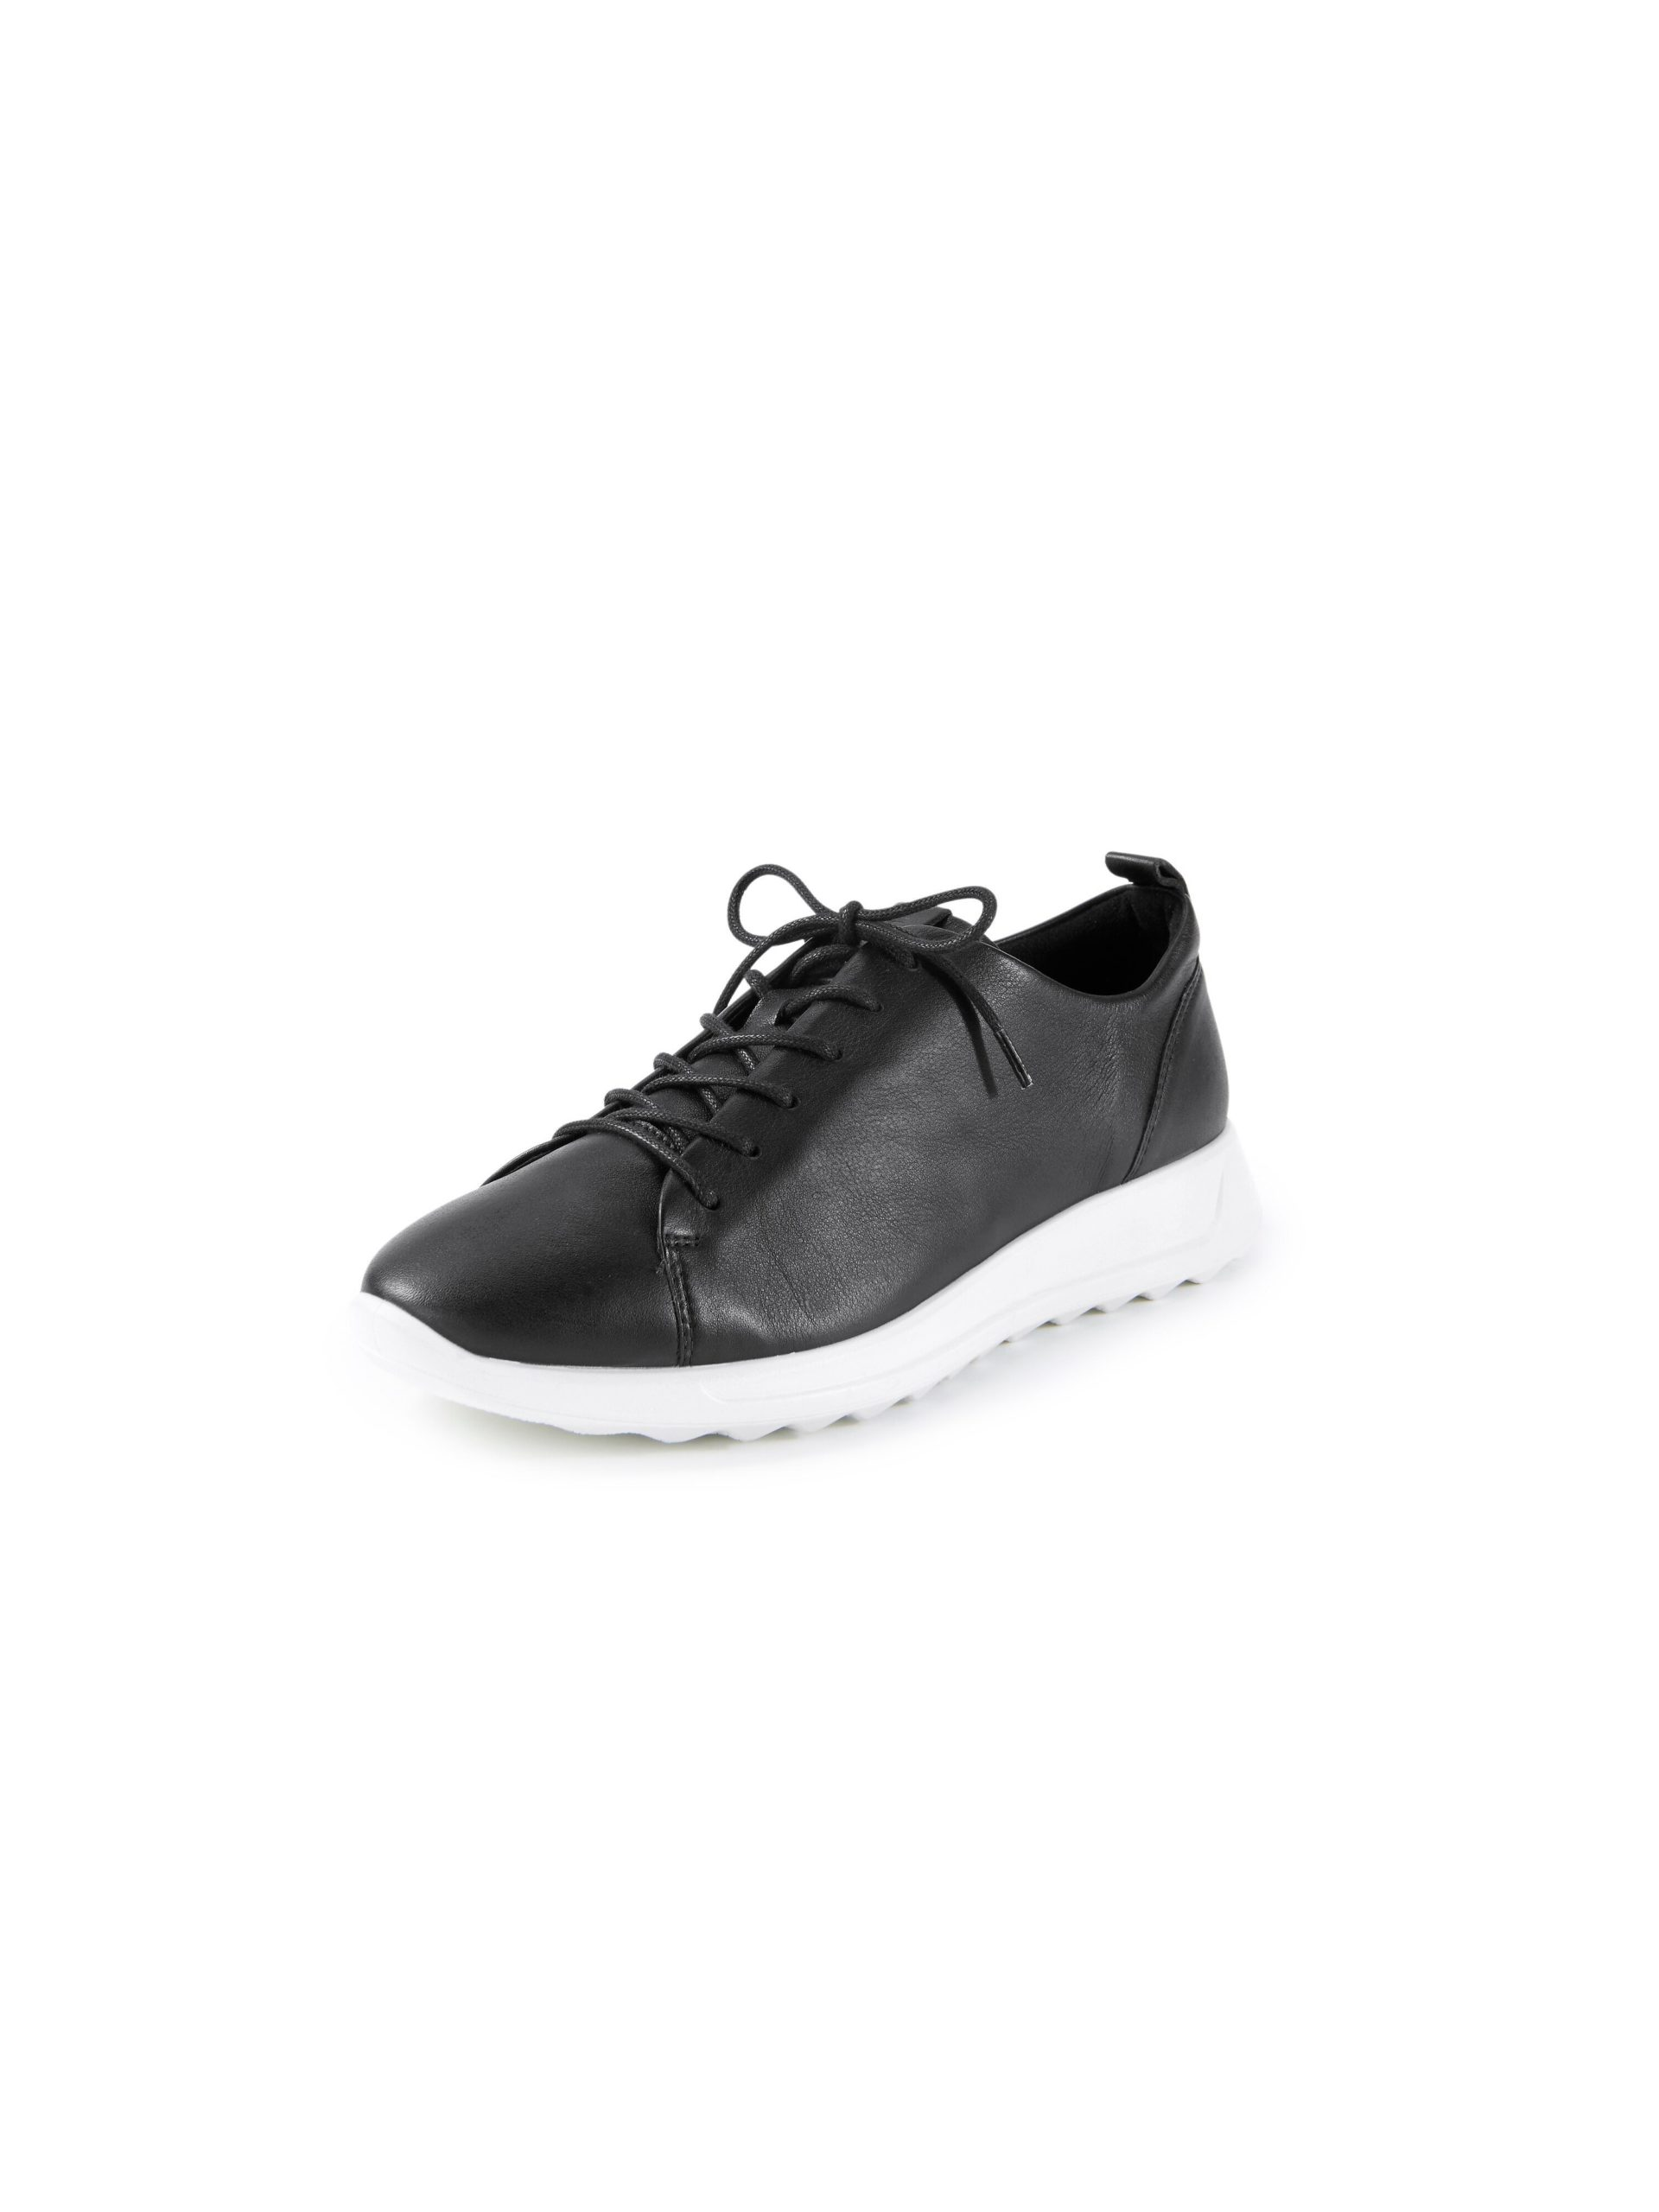 Sneakers model Flexure Runner Van Ecco zwart Kopen